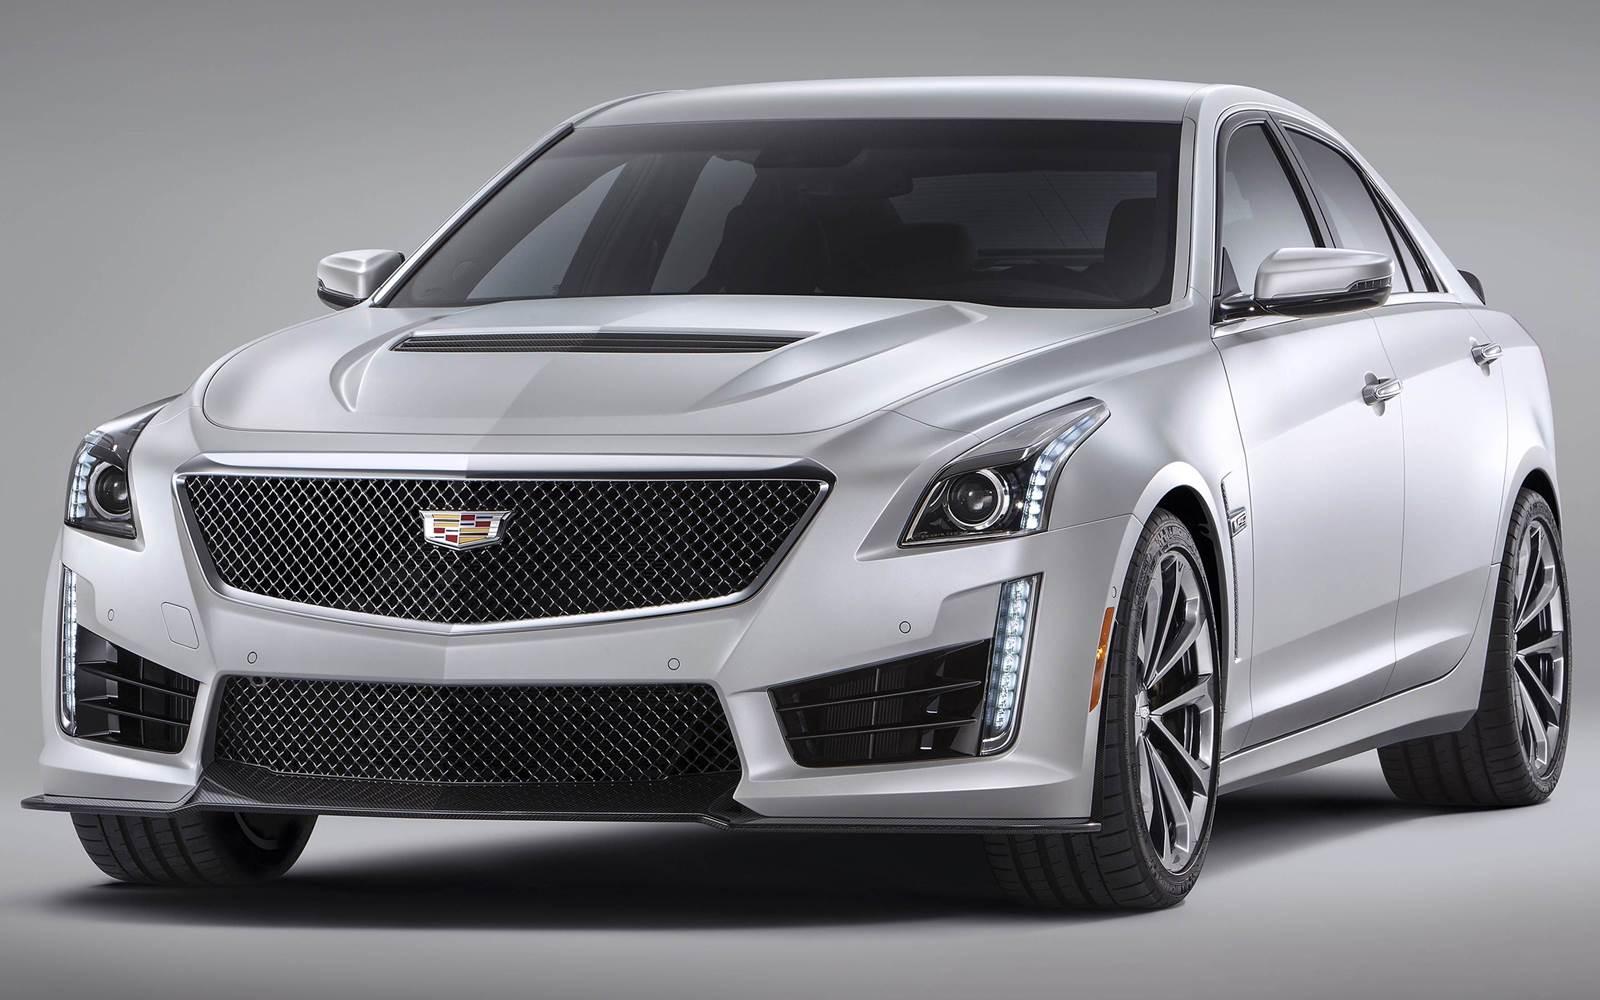 Cadillac - pior marca em confiabilidade 2017